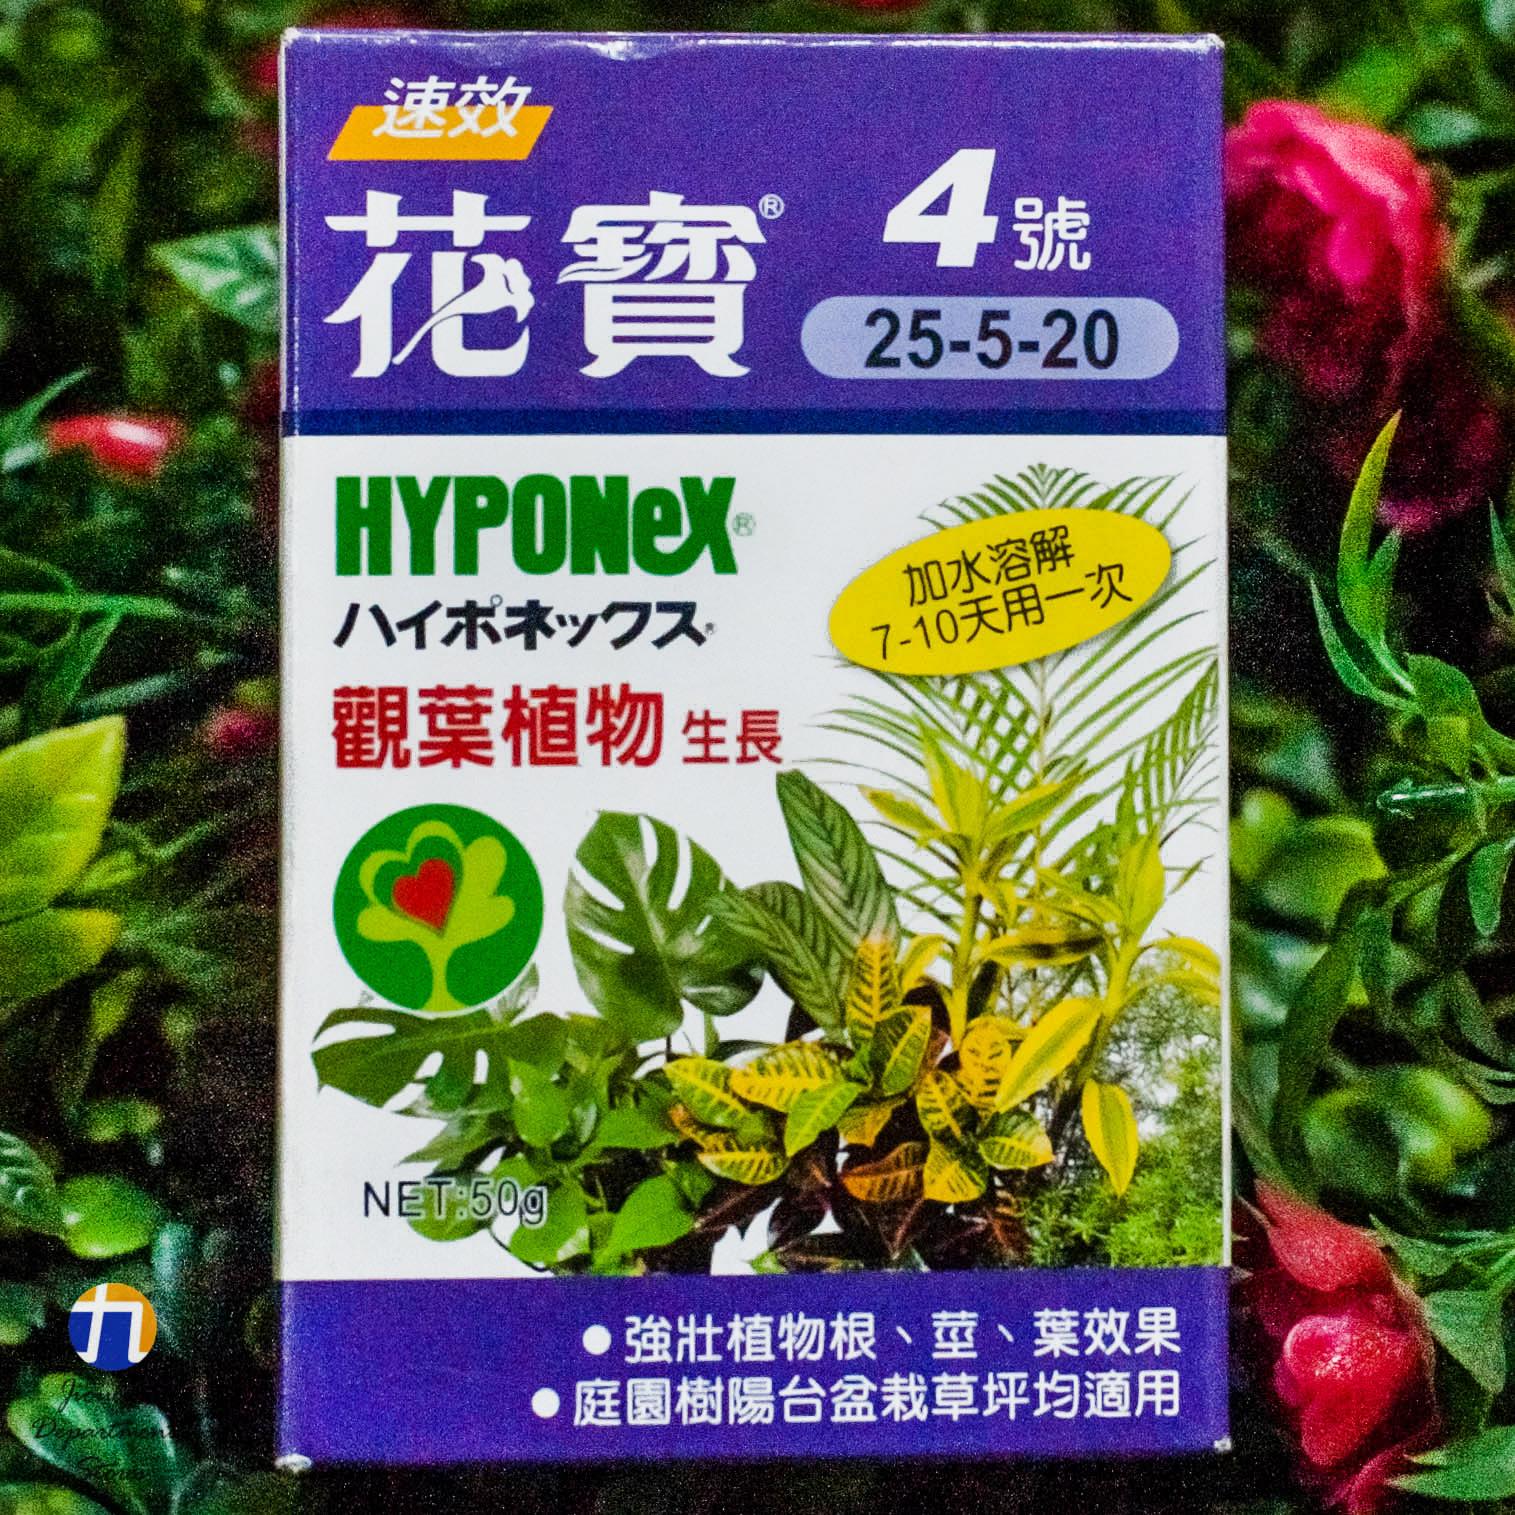 {九聯百貨} 花寶牌 花寶4號 (25-5-20) 觀葉植物生長 肥料 50公克 1入